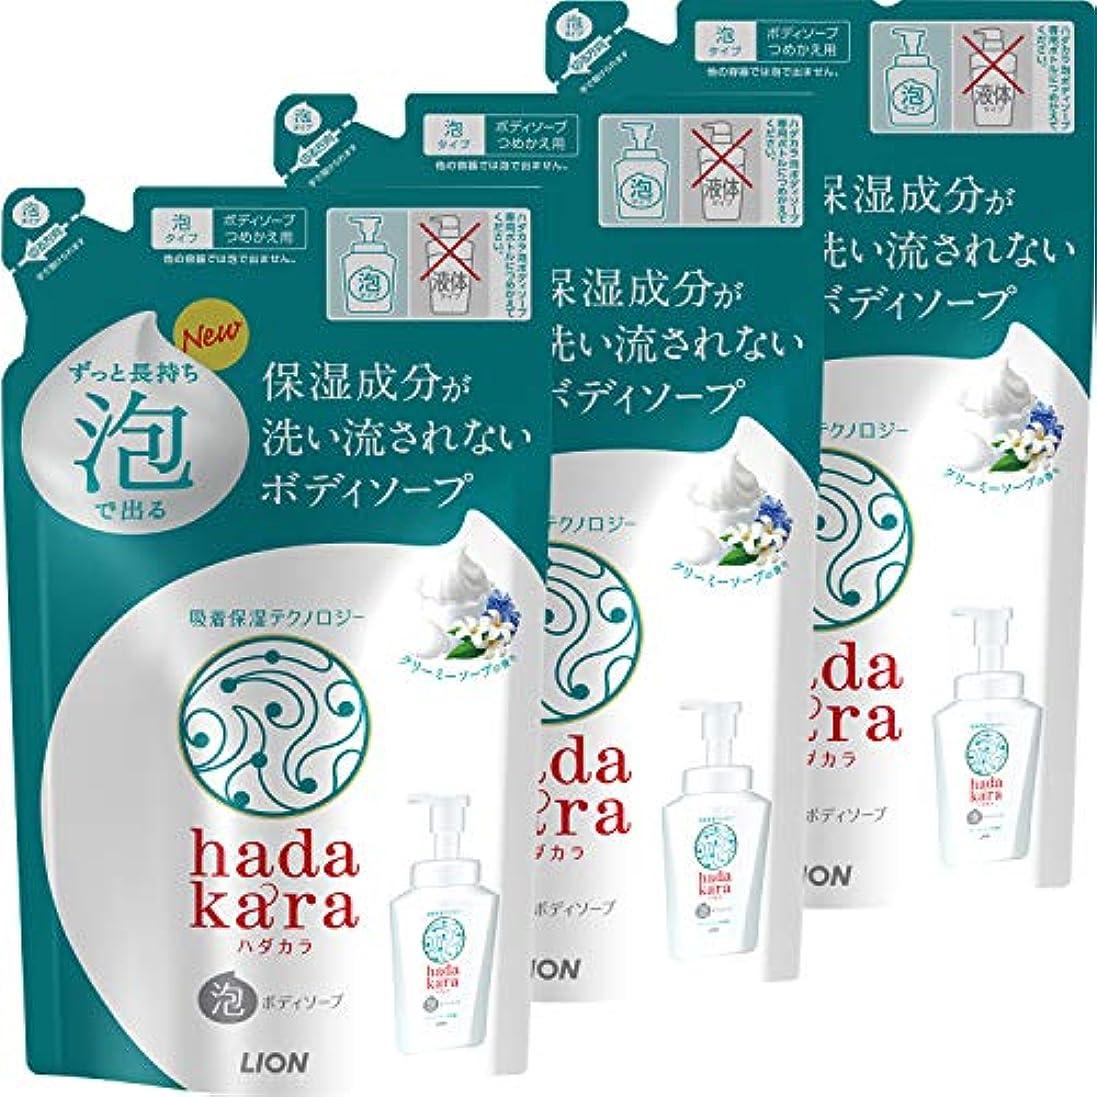 踏み台第五ピークhadakara(ハダカラ) ボディソープ 泡タイプ クリーミーソープの香り 詰替440ml×3個